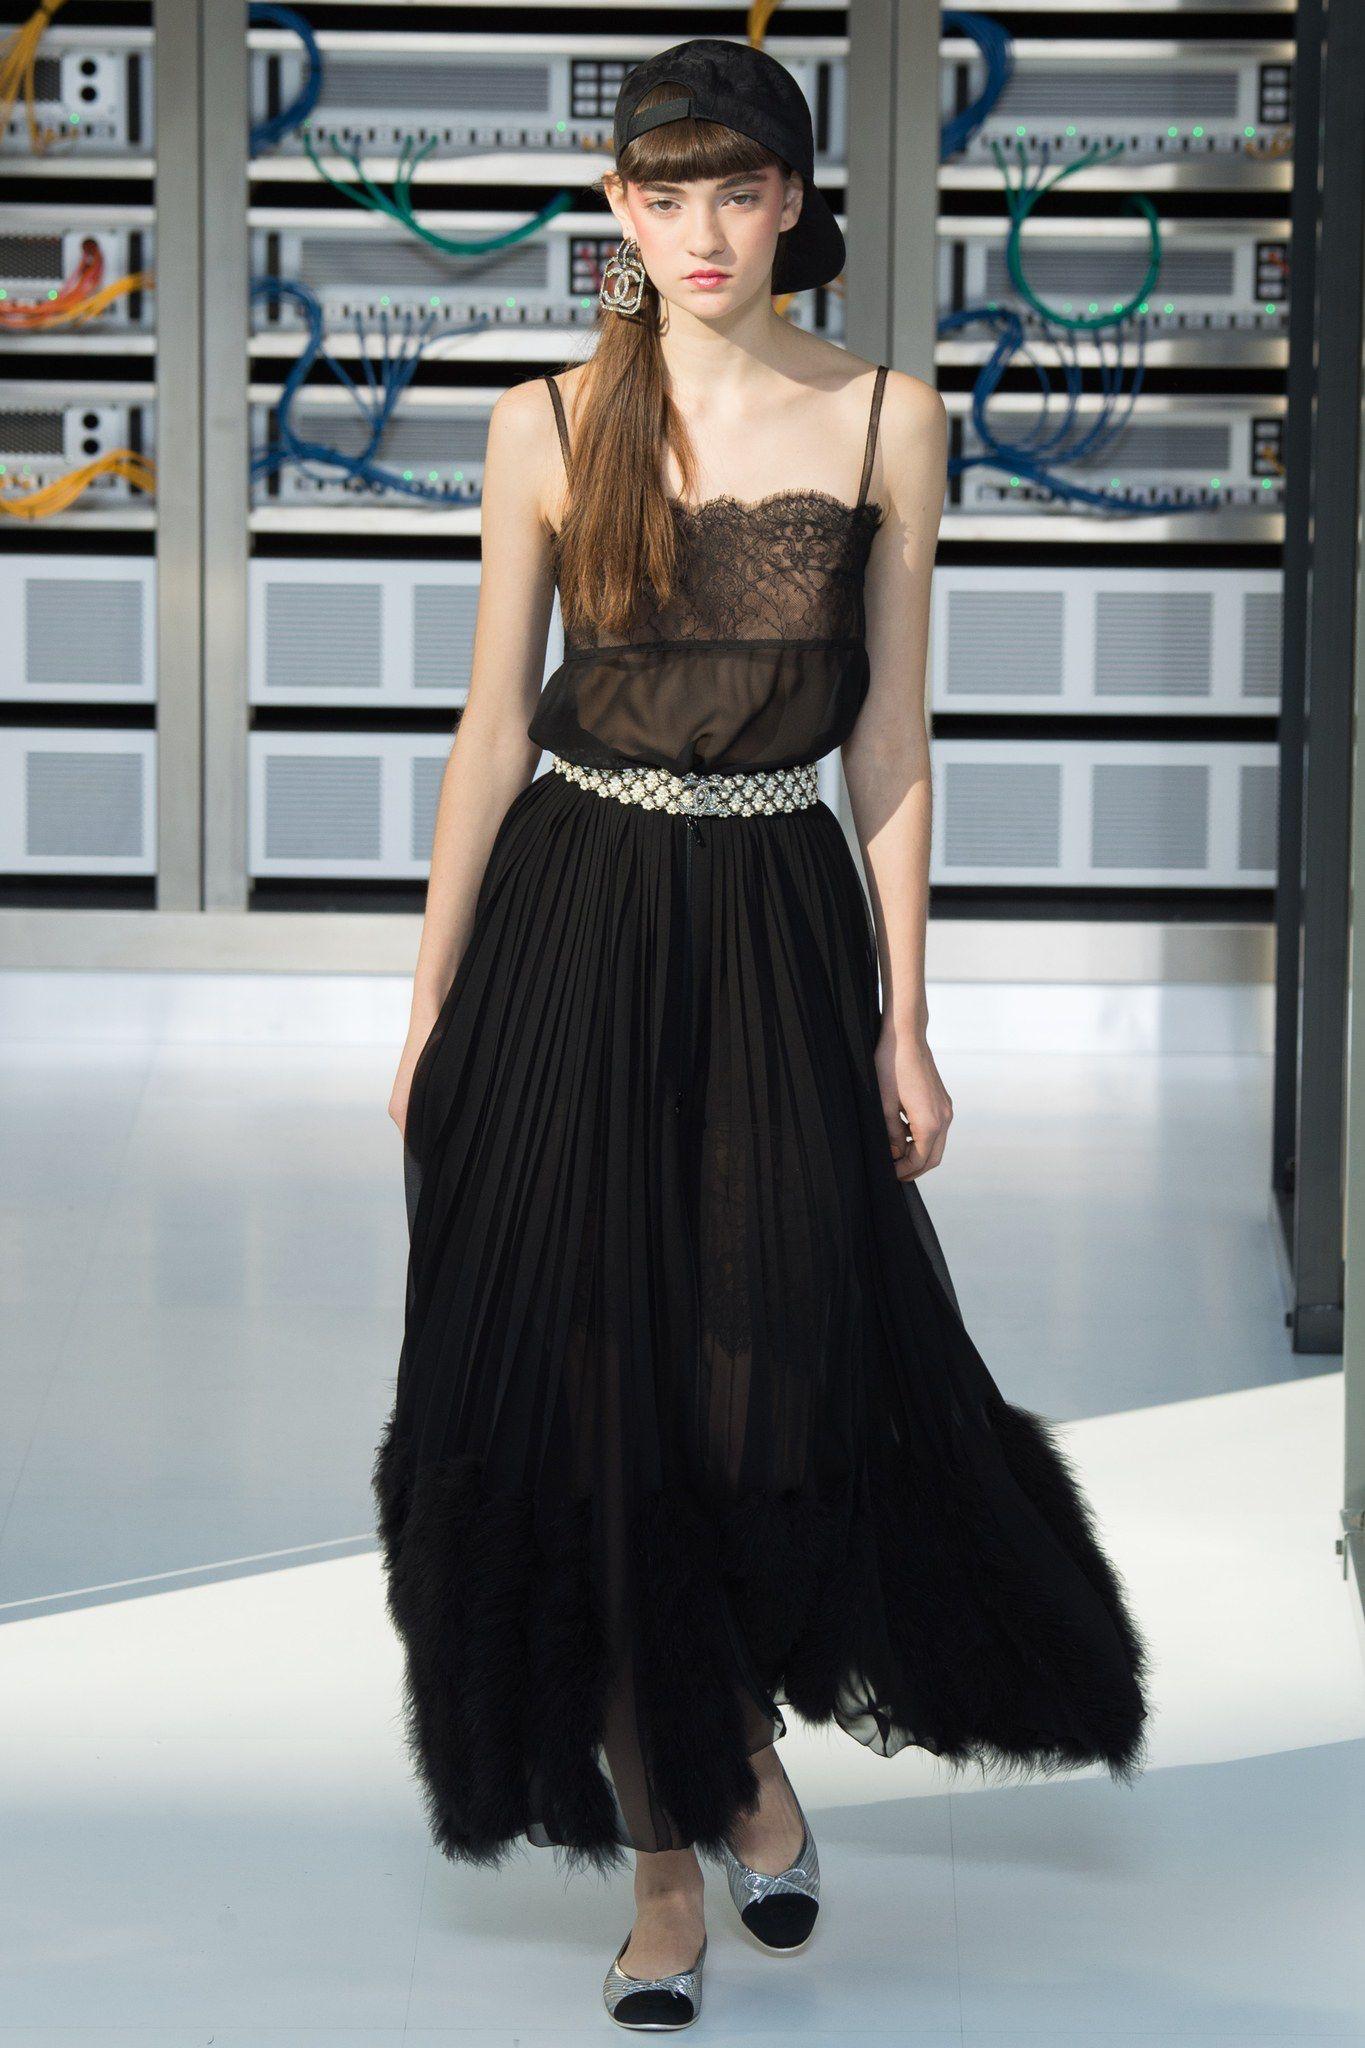 Chanel spring readytowear fashion show fashion show chanel